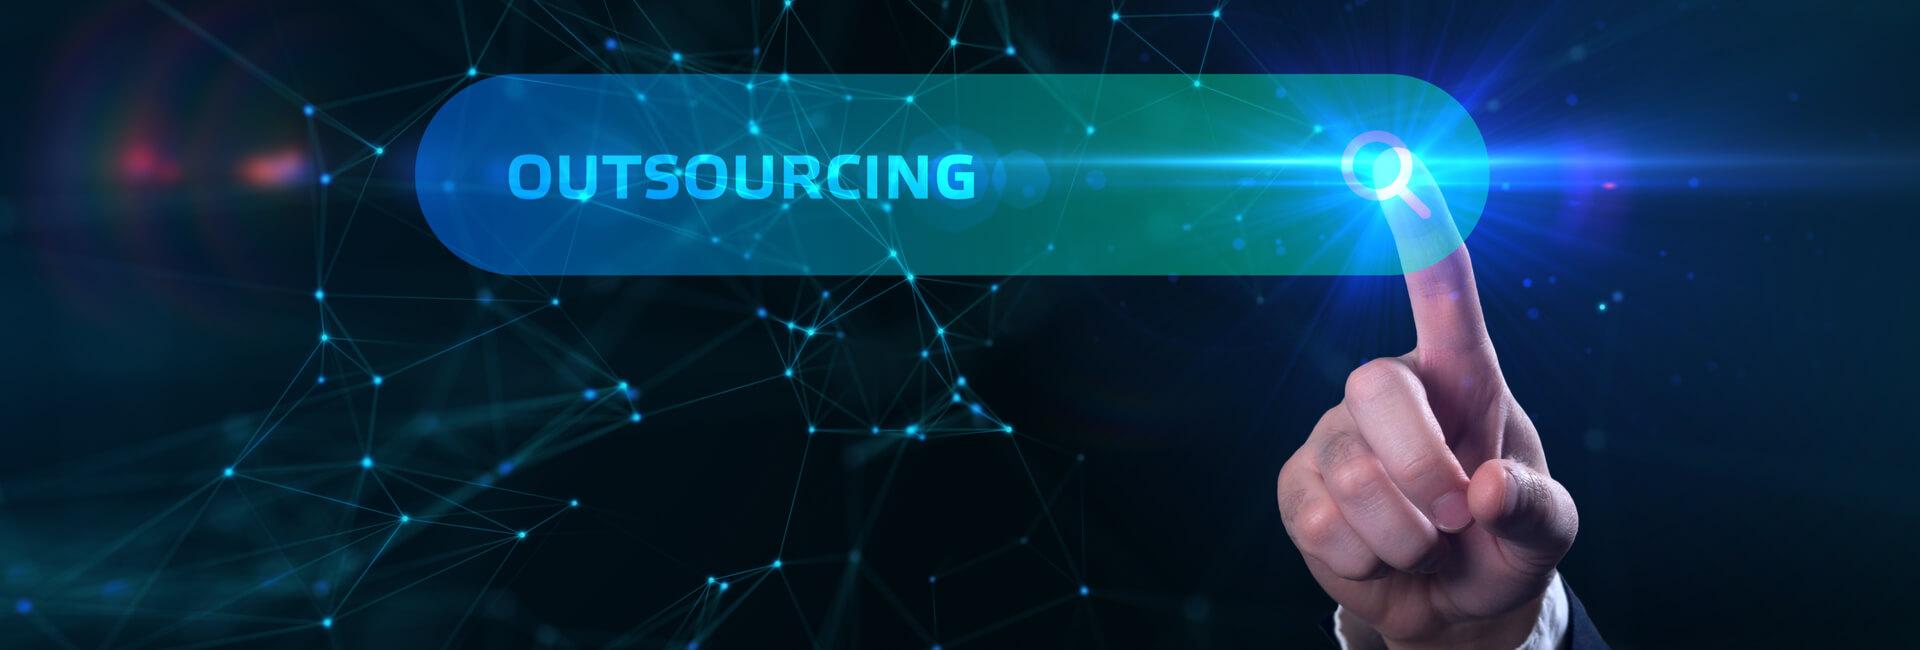 Perché scegliere l'outsourcing IT in tempo di crisi